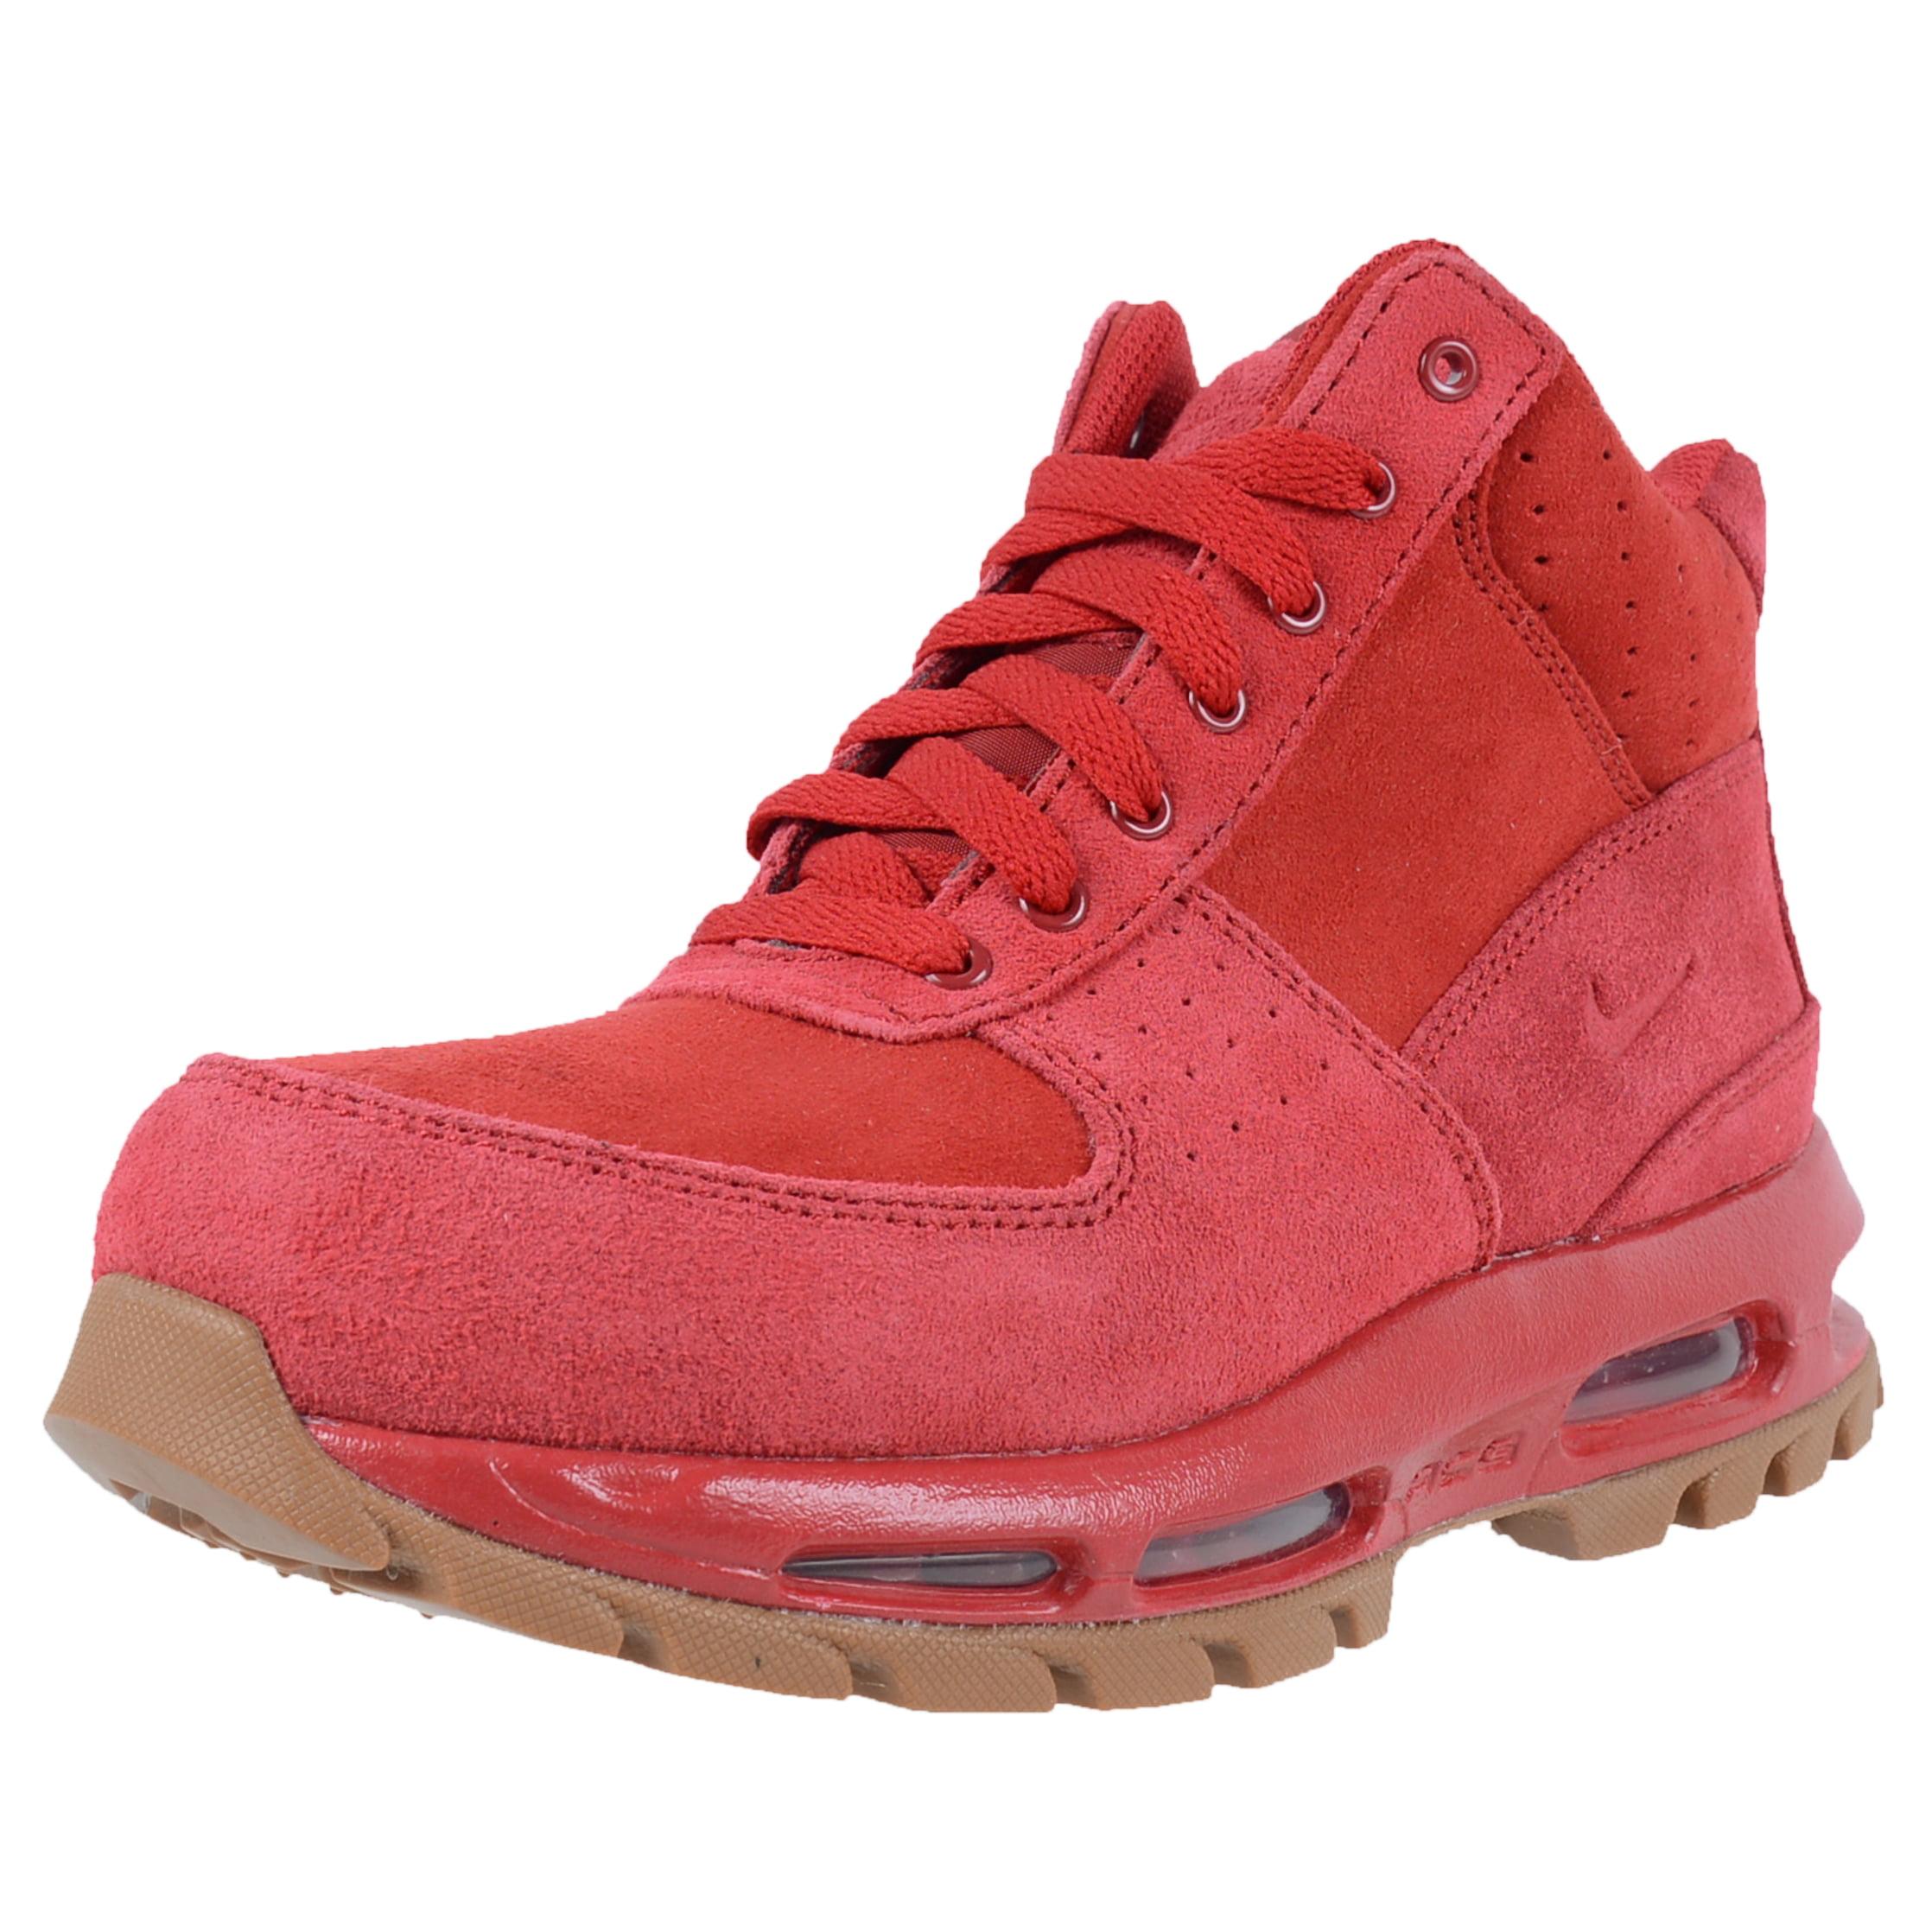 Nike KIDS AIR MAX GOADOME GS ACG BOOTS GYM RED GYM RED GU...